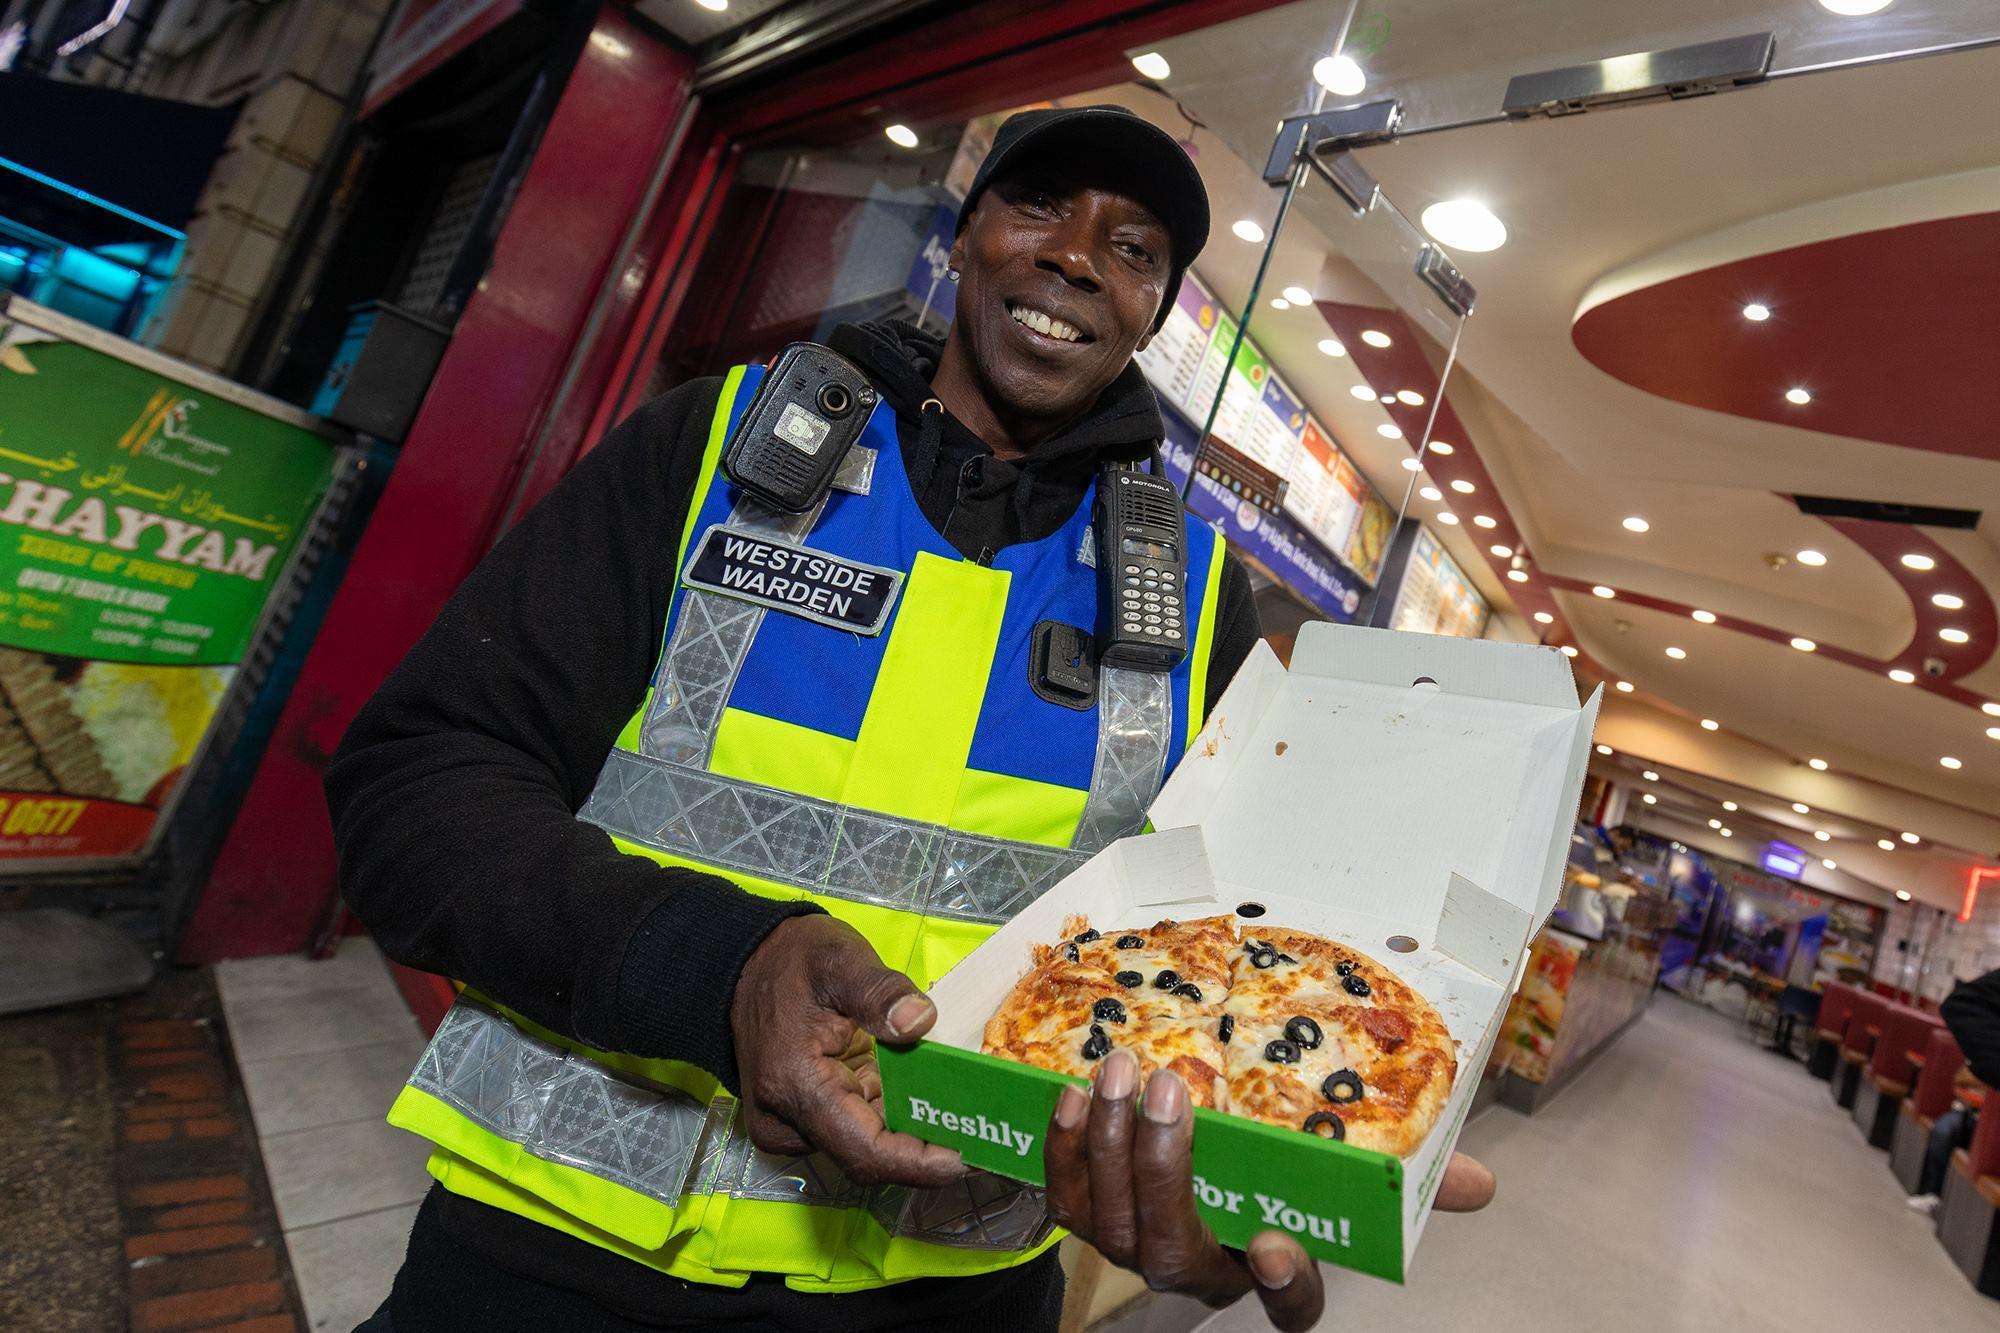 Street warden Enoch White holding pizza outside Pit Stop takeaway